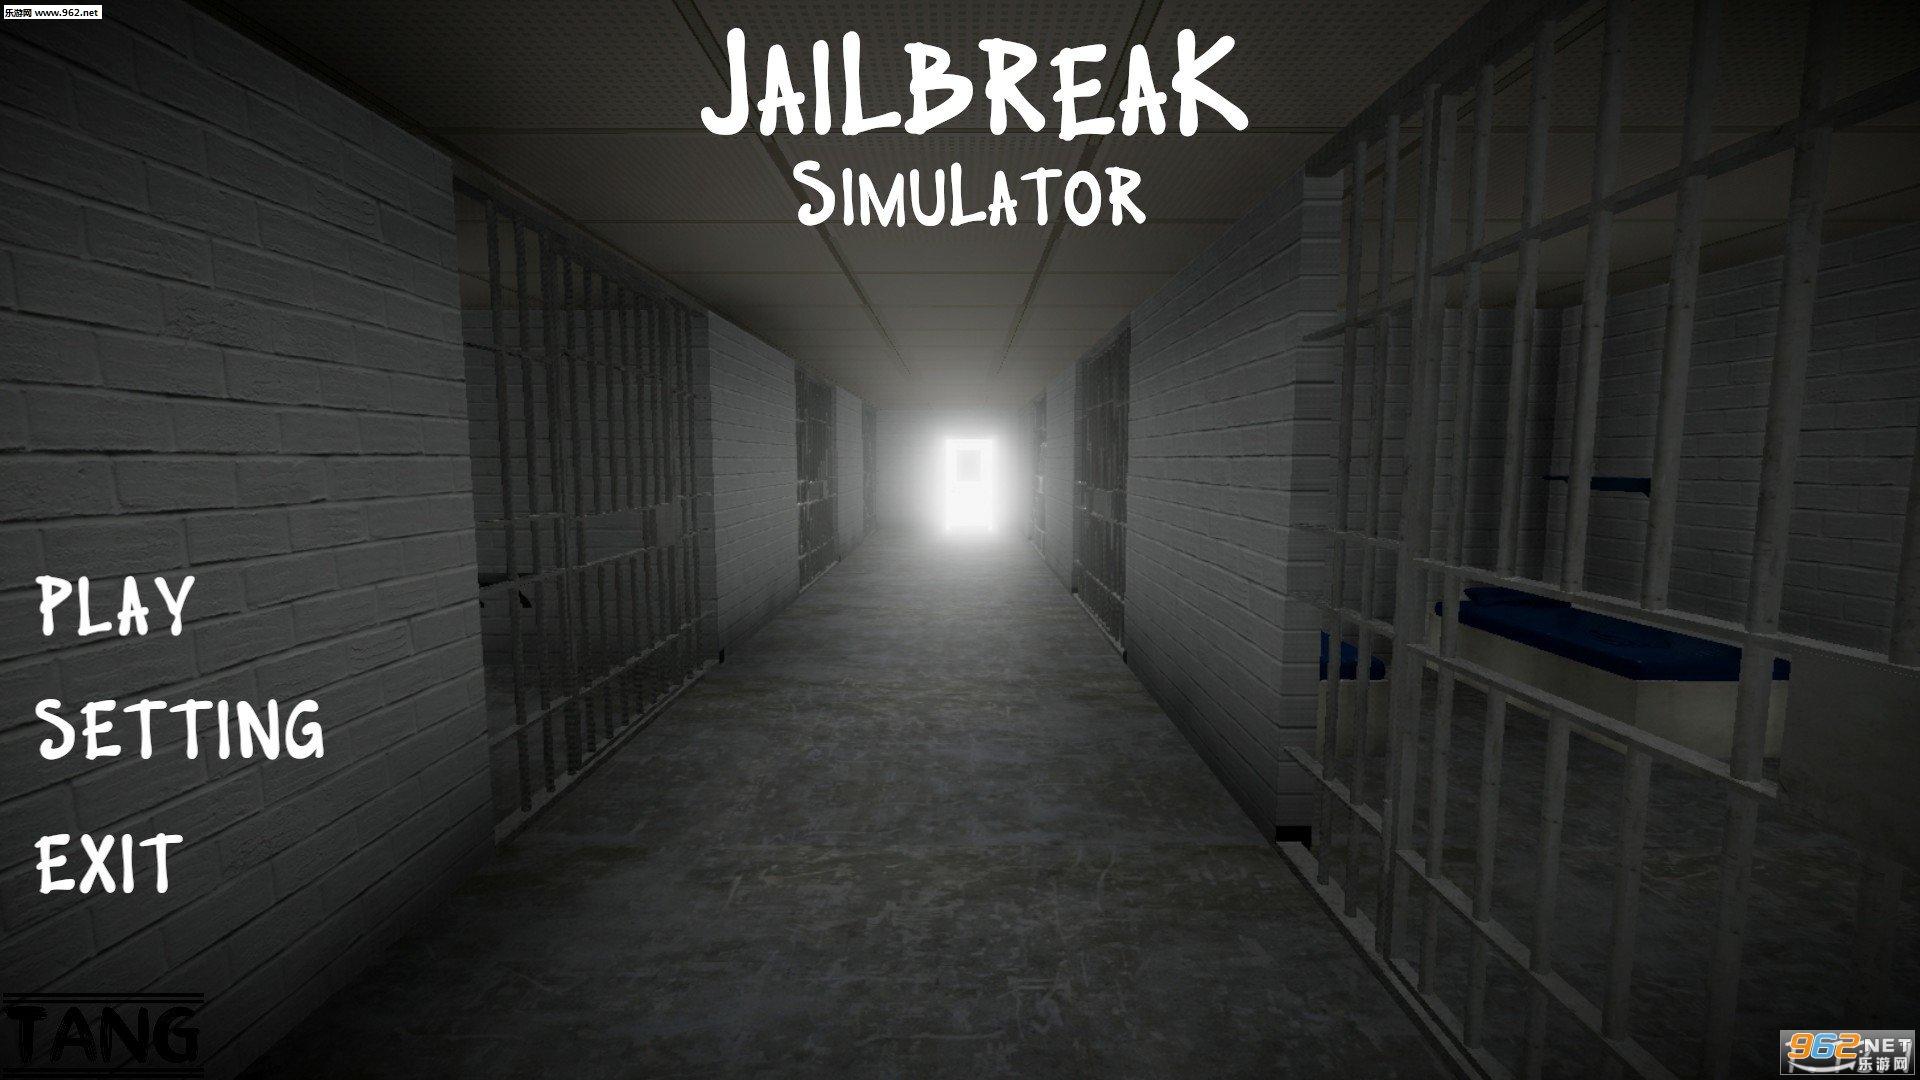 越狱模拟器游戏_截图1